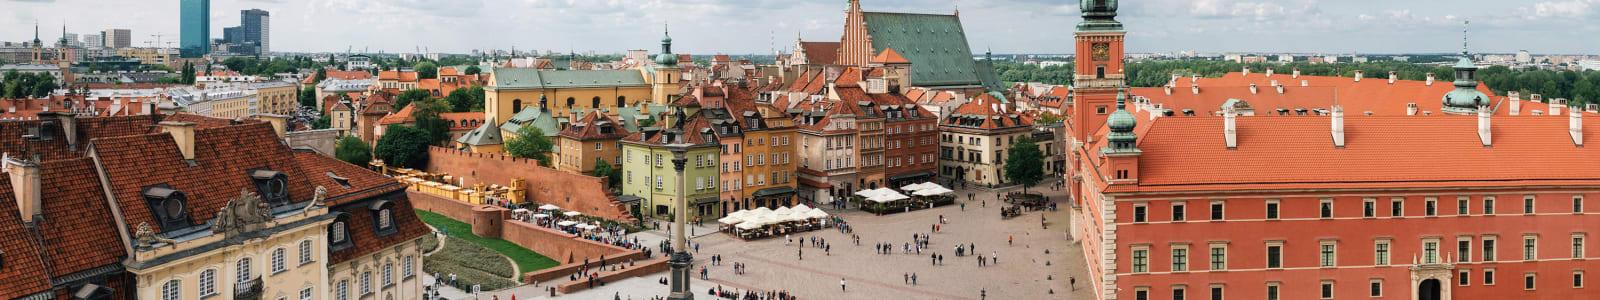 Polish town square